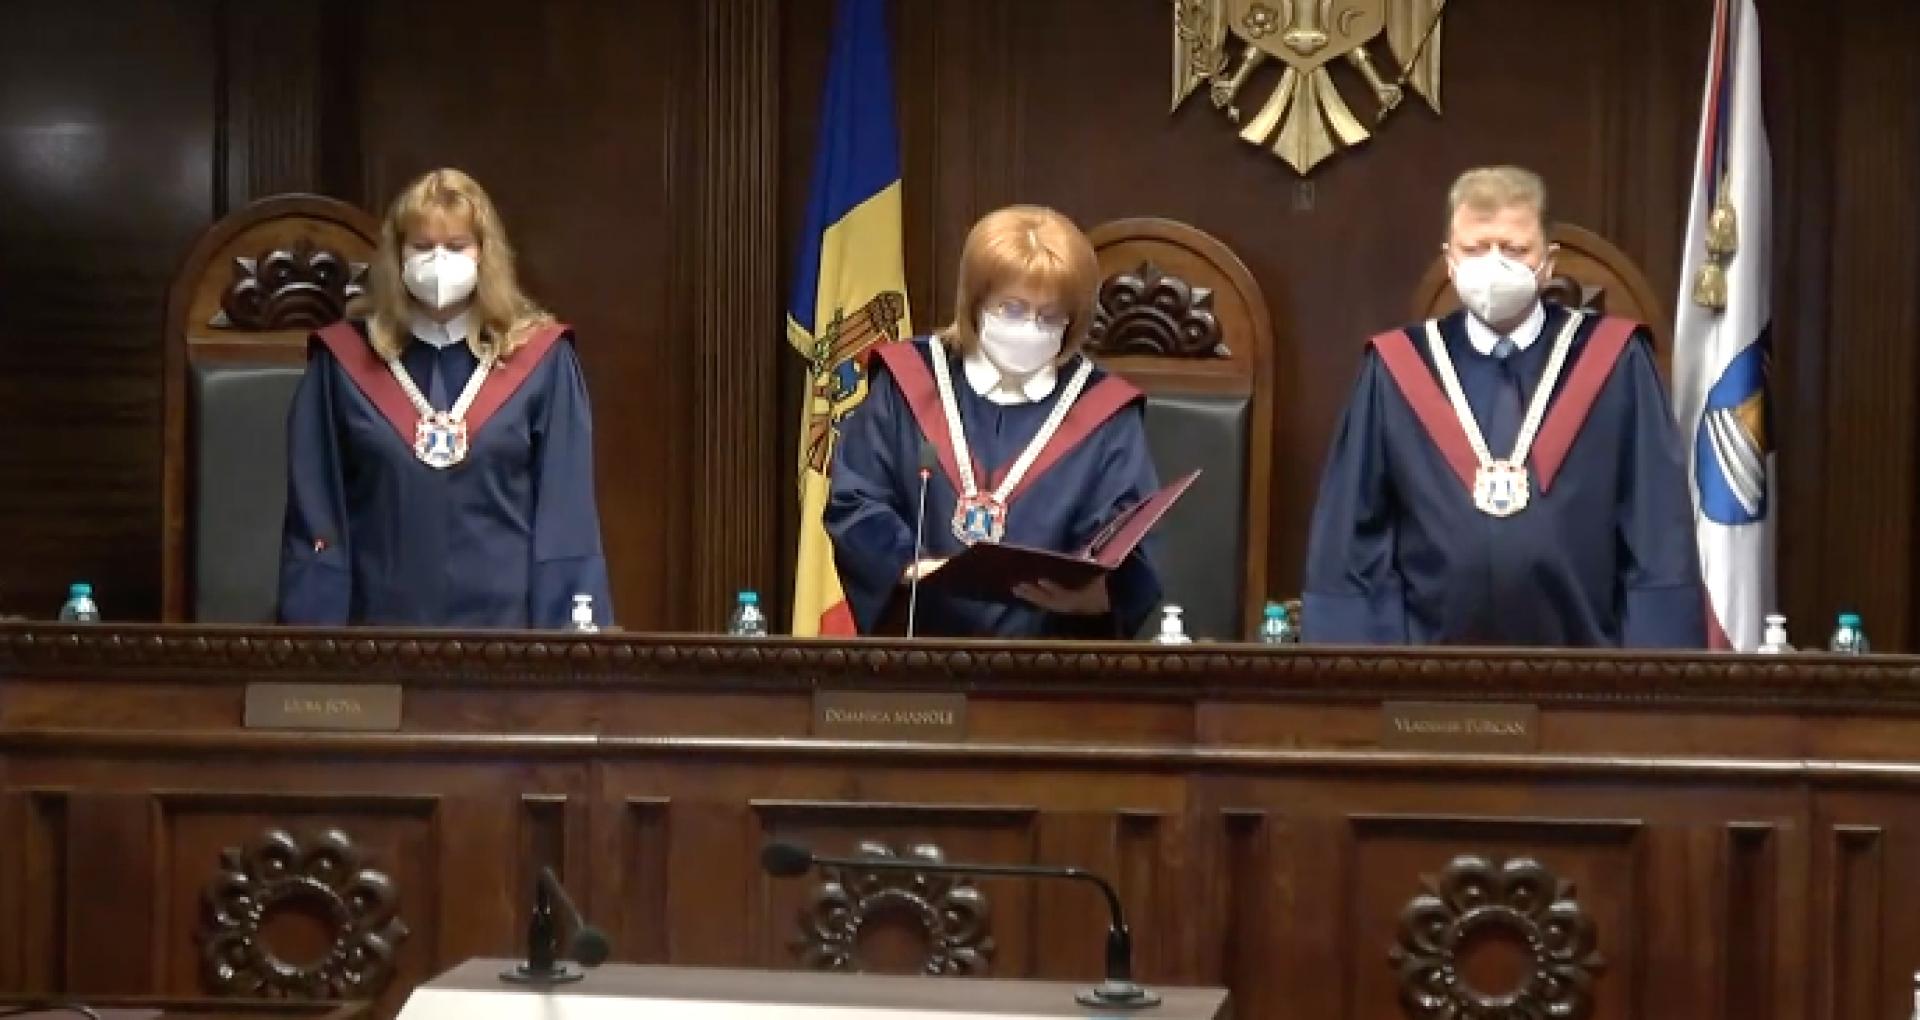 """ULTIMA ORĂ! Curtea Constituțională declară neconstituționale hotărârile PSRM-ȘOR privind """"revocarea mandatului de judecătoare a Domnicăi Manole"""" și numirea lui Boris Lupașcu"""